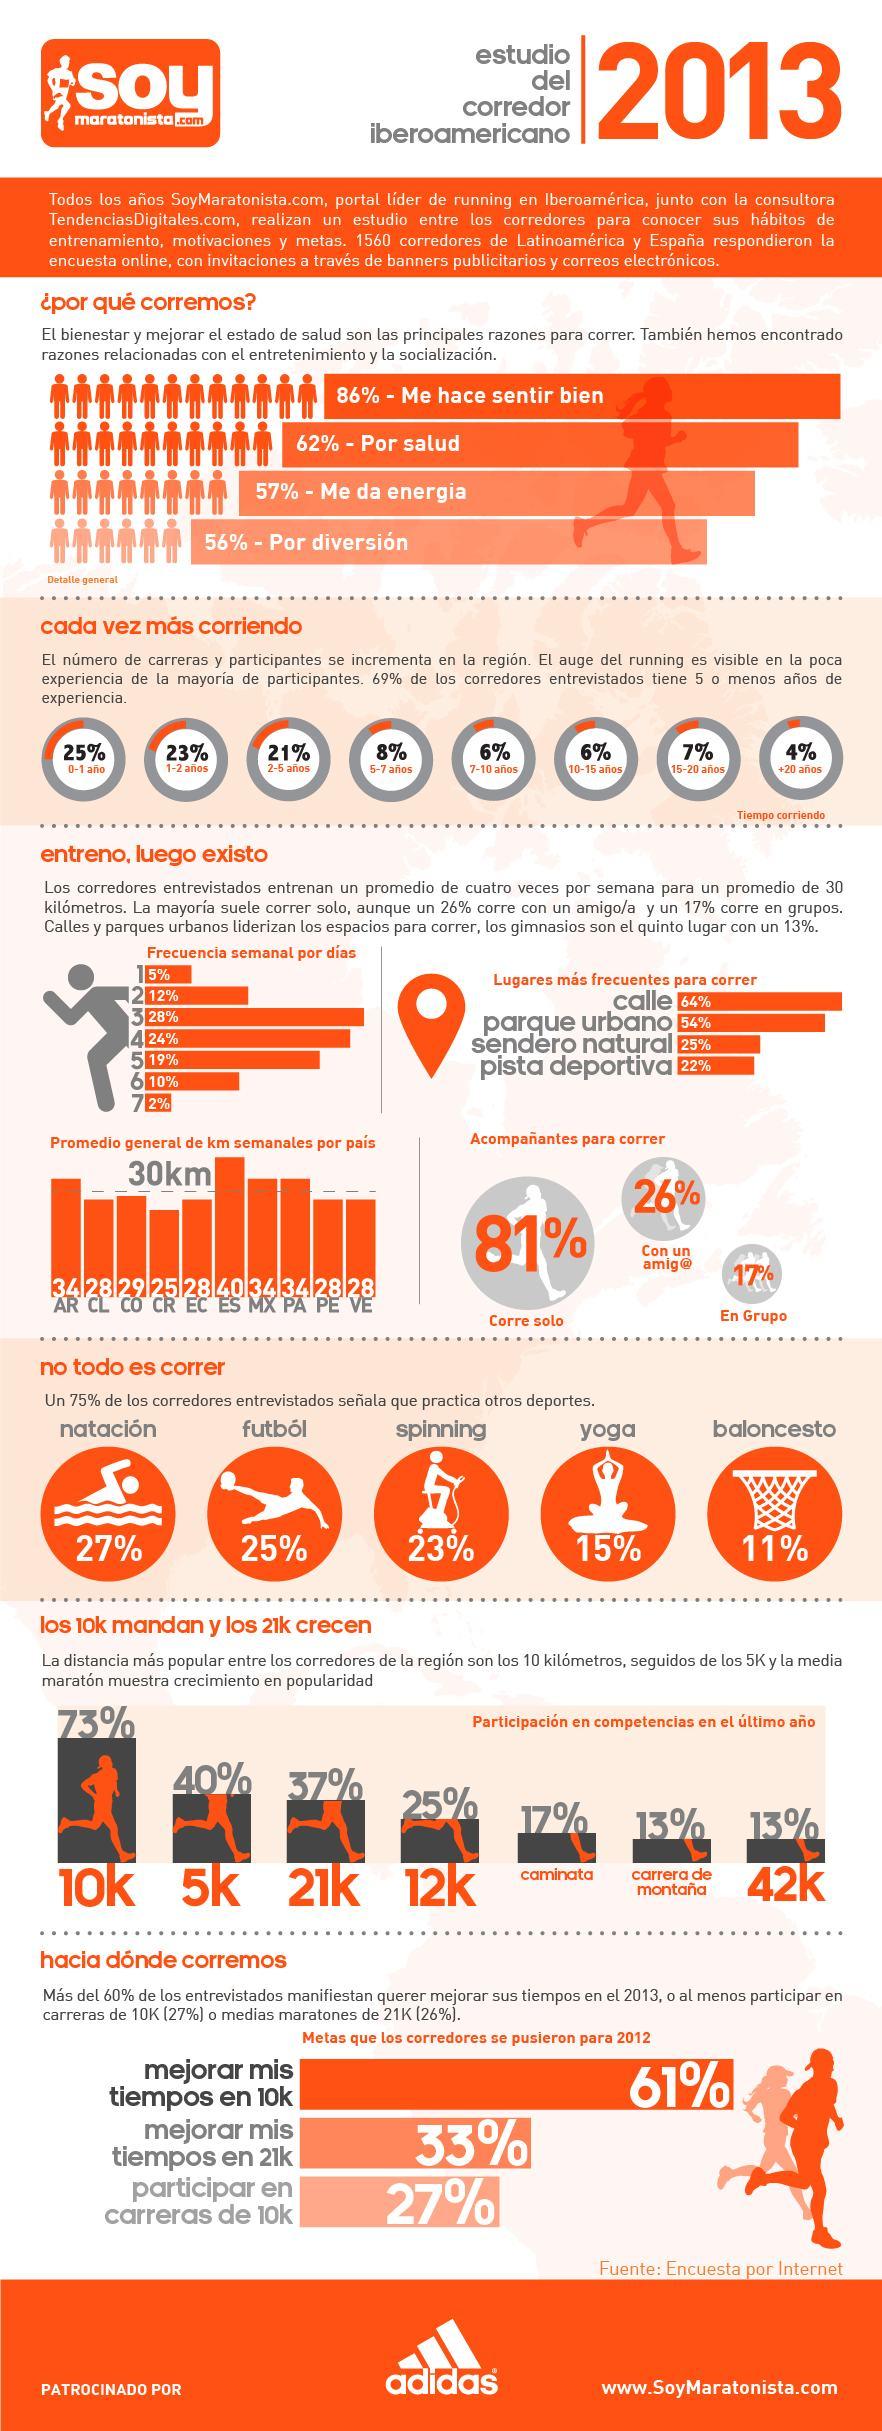 Infografia del Estudio del Corredor Iberoamericano 2013